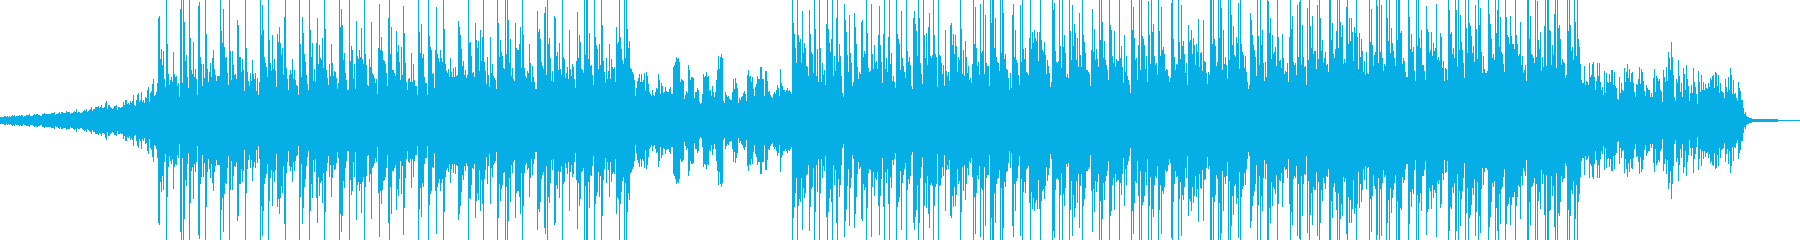 電脳・空想科学的なエレクトロ エレキ有Aの再生済みの波形